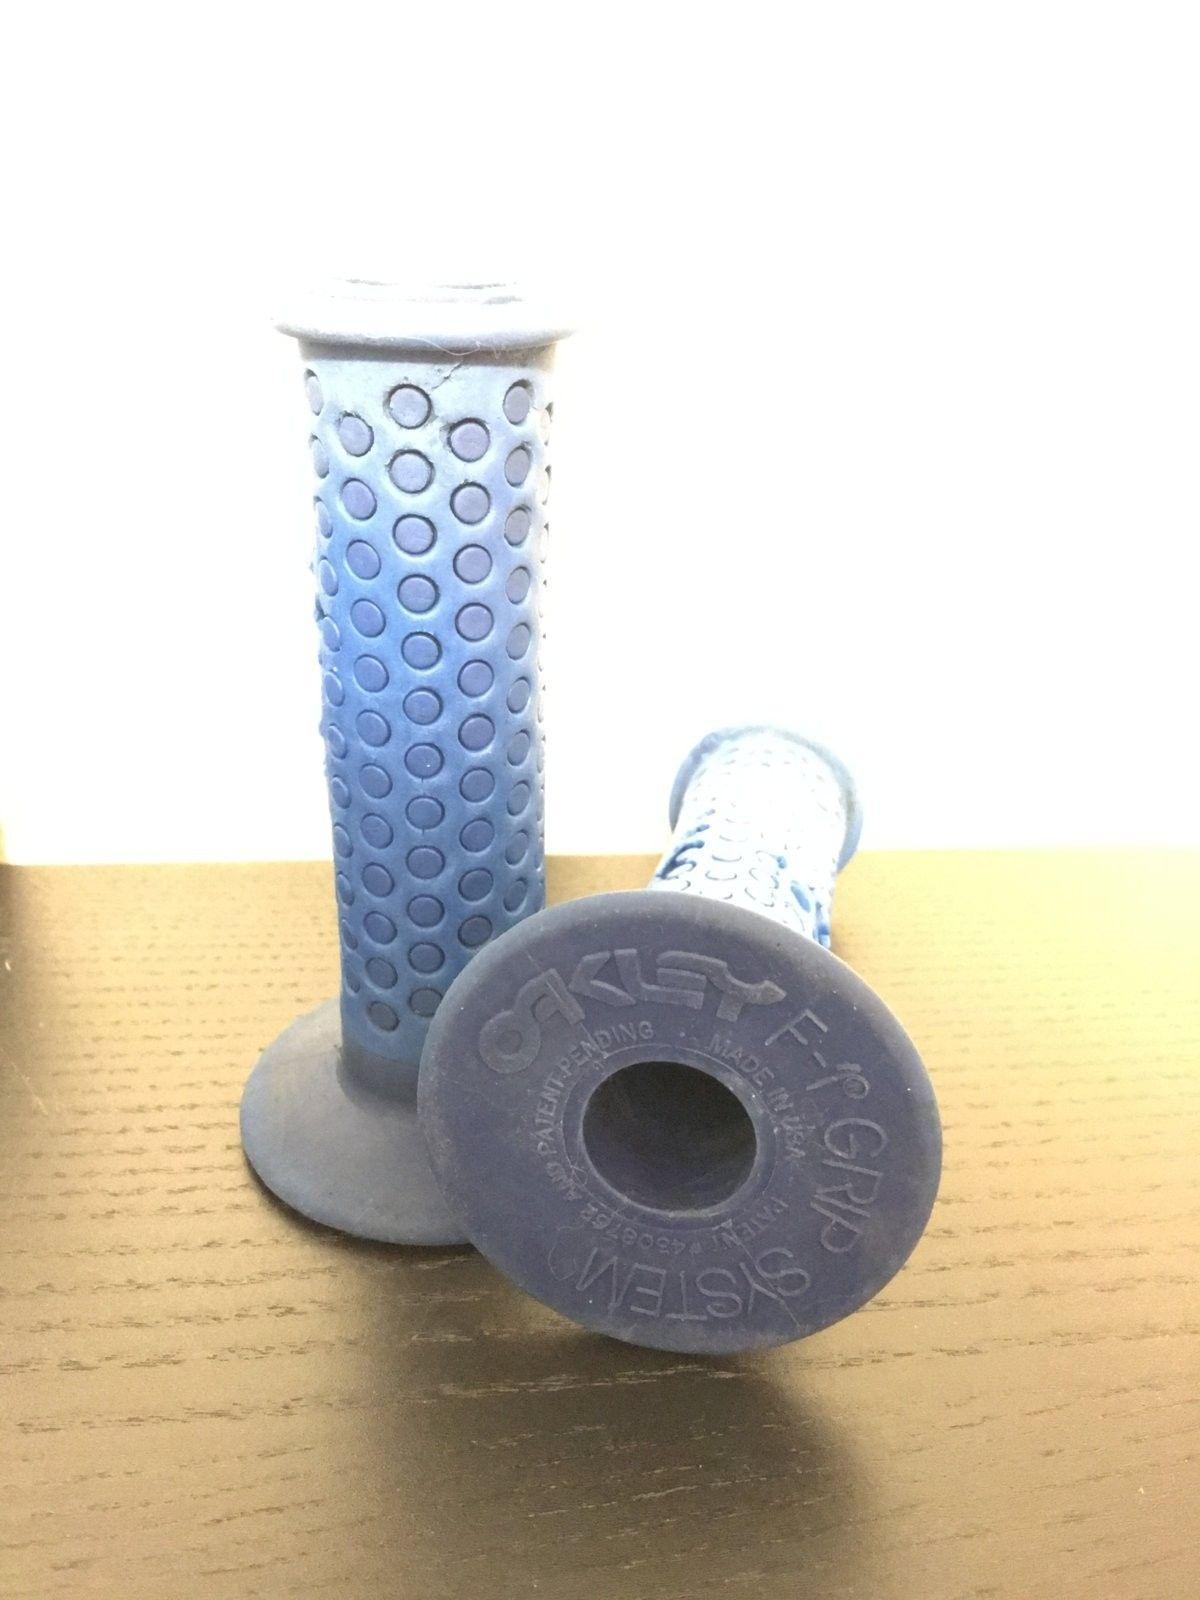 Oakley F1 Grips Blue - image.jpeg